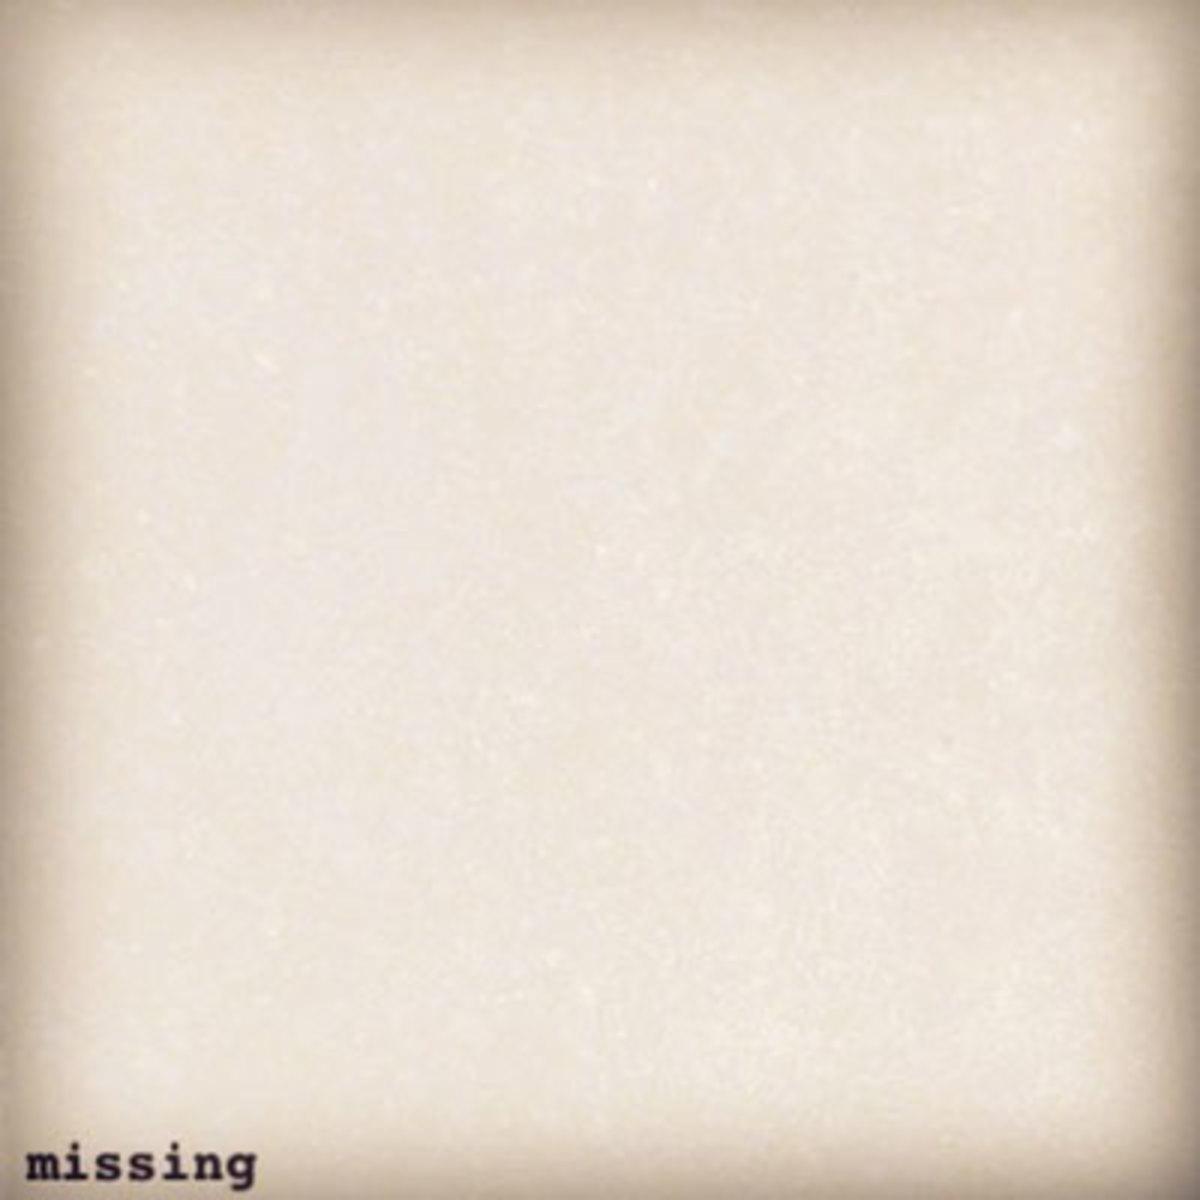 bob-missing.jpg